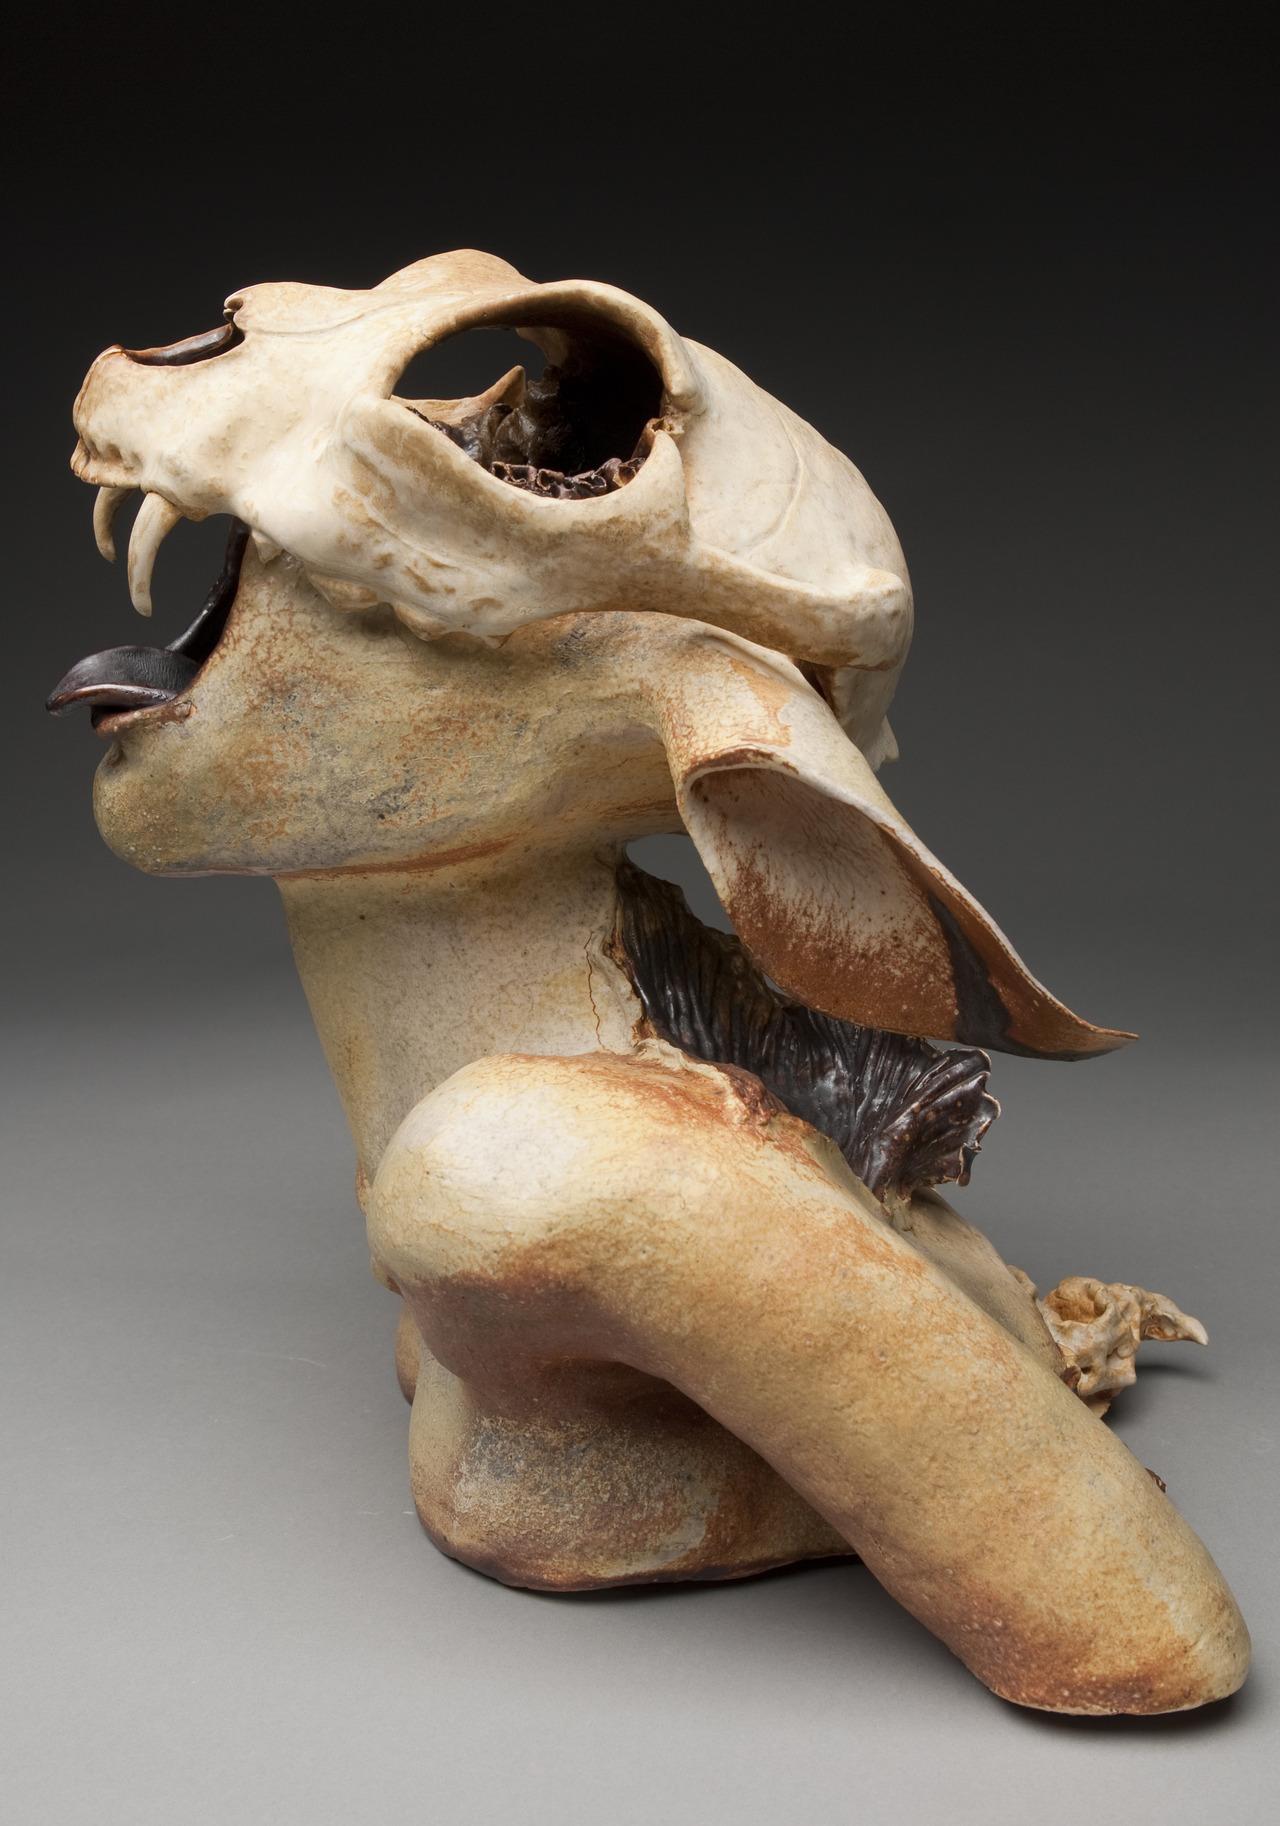 Megan E. Craddock – sculpture